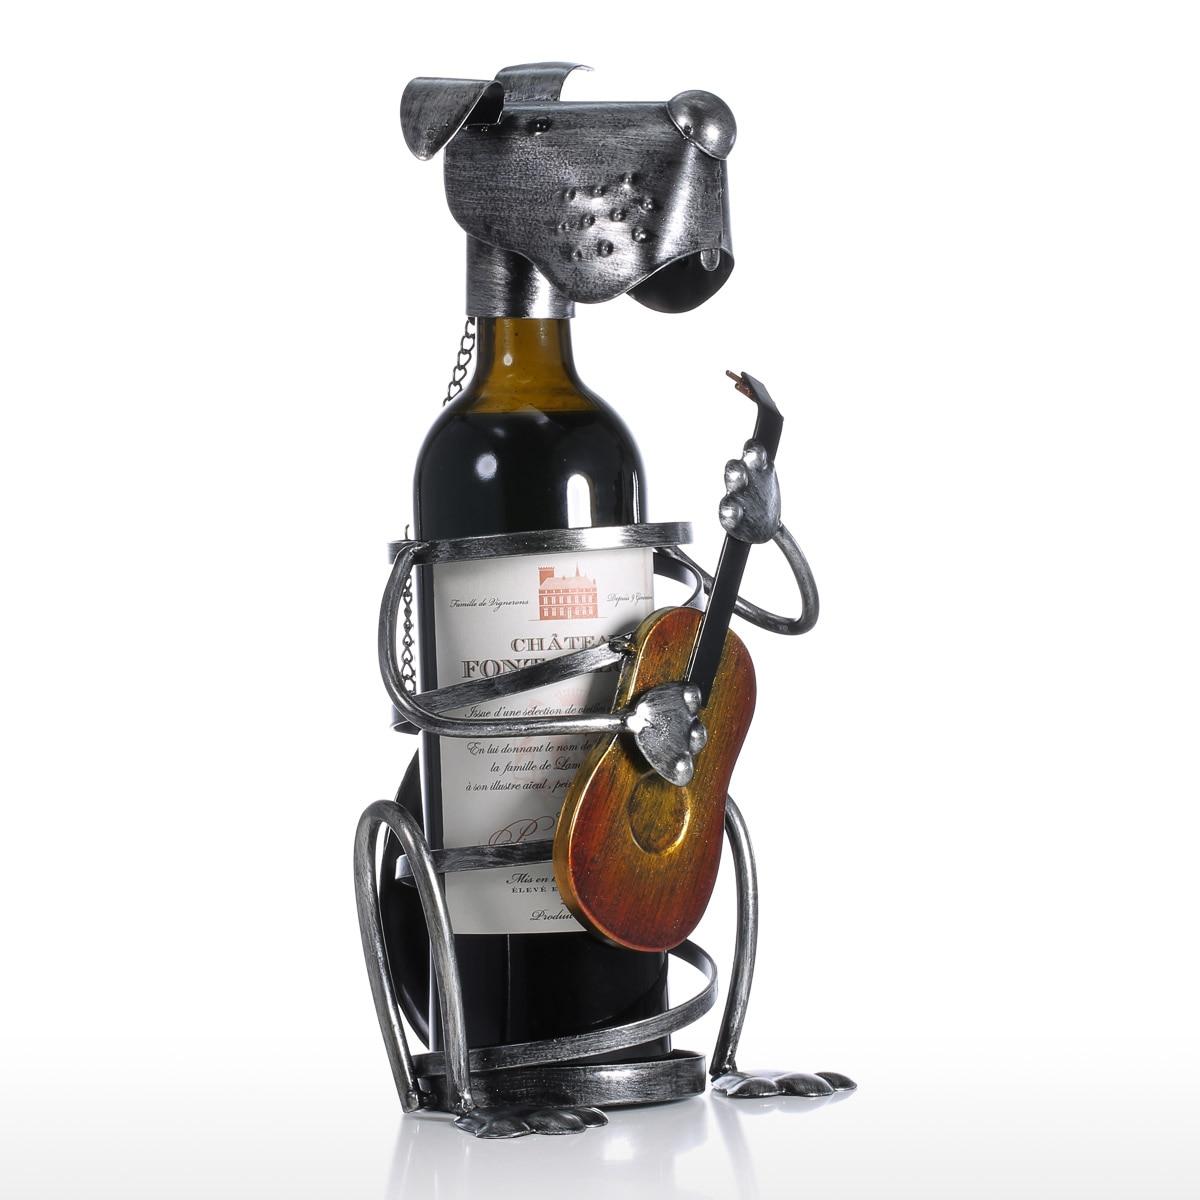 Casier à vin avec Saxophone fer Figurine Animal ornement pratique musique Style Sculpture vin stand décoration de la maison artisanat intérieur